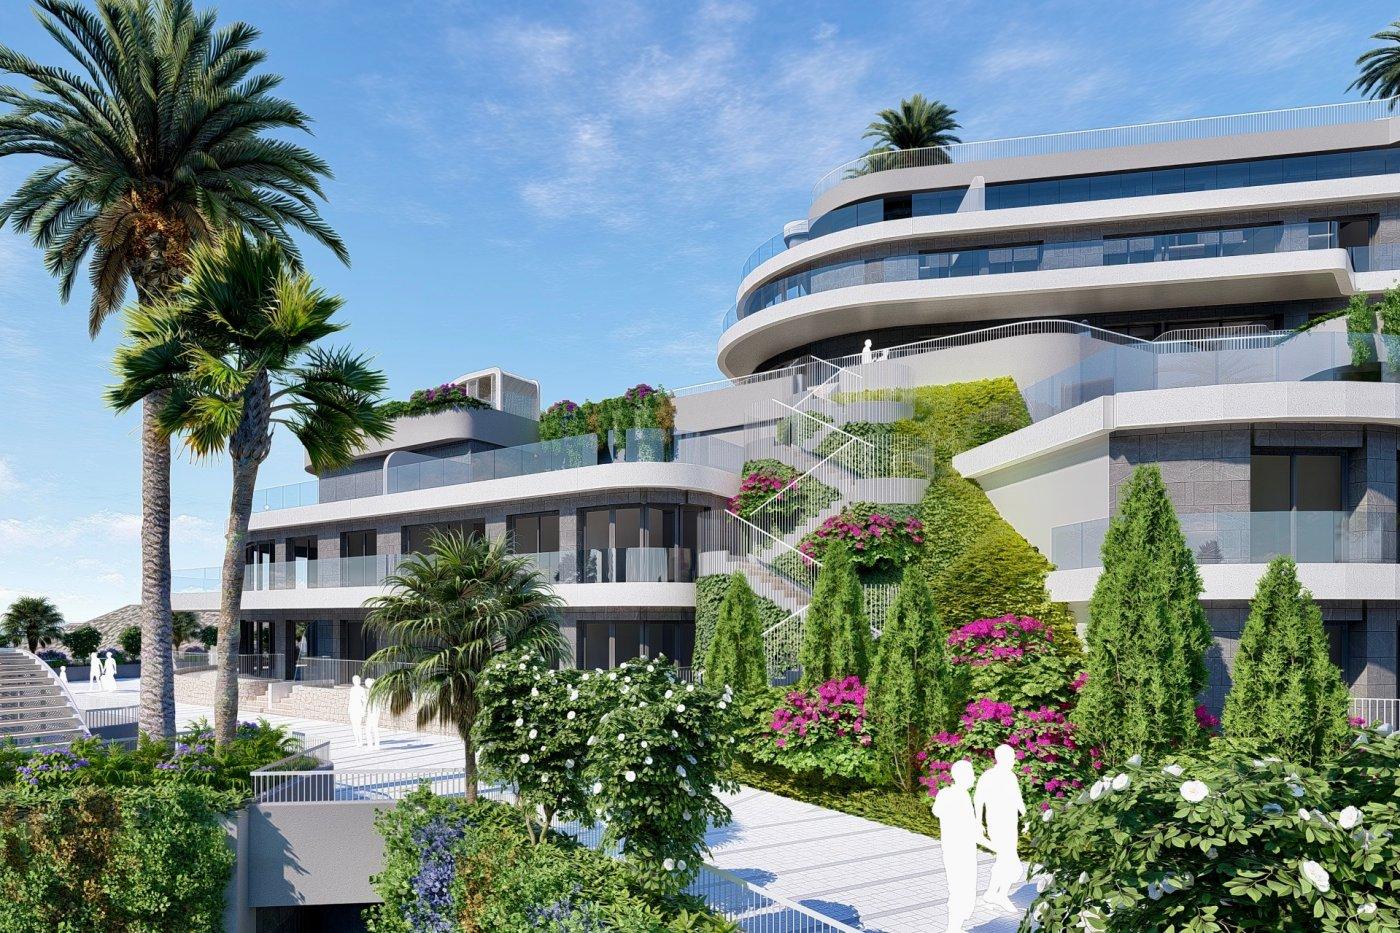 Galleribillede 18 of Exceptionel 2 etagers 4 vær luksus lejlighed, panorama udsigt, 58 m2 og 24 m2 solterrasser